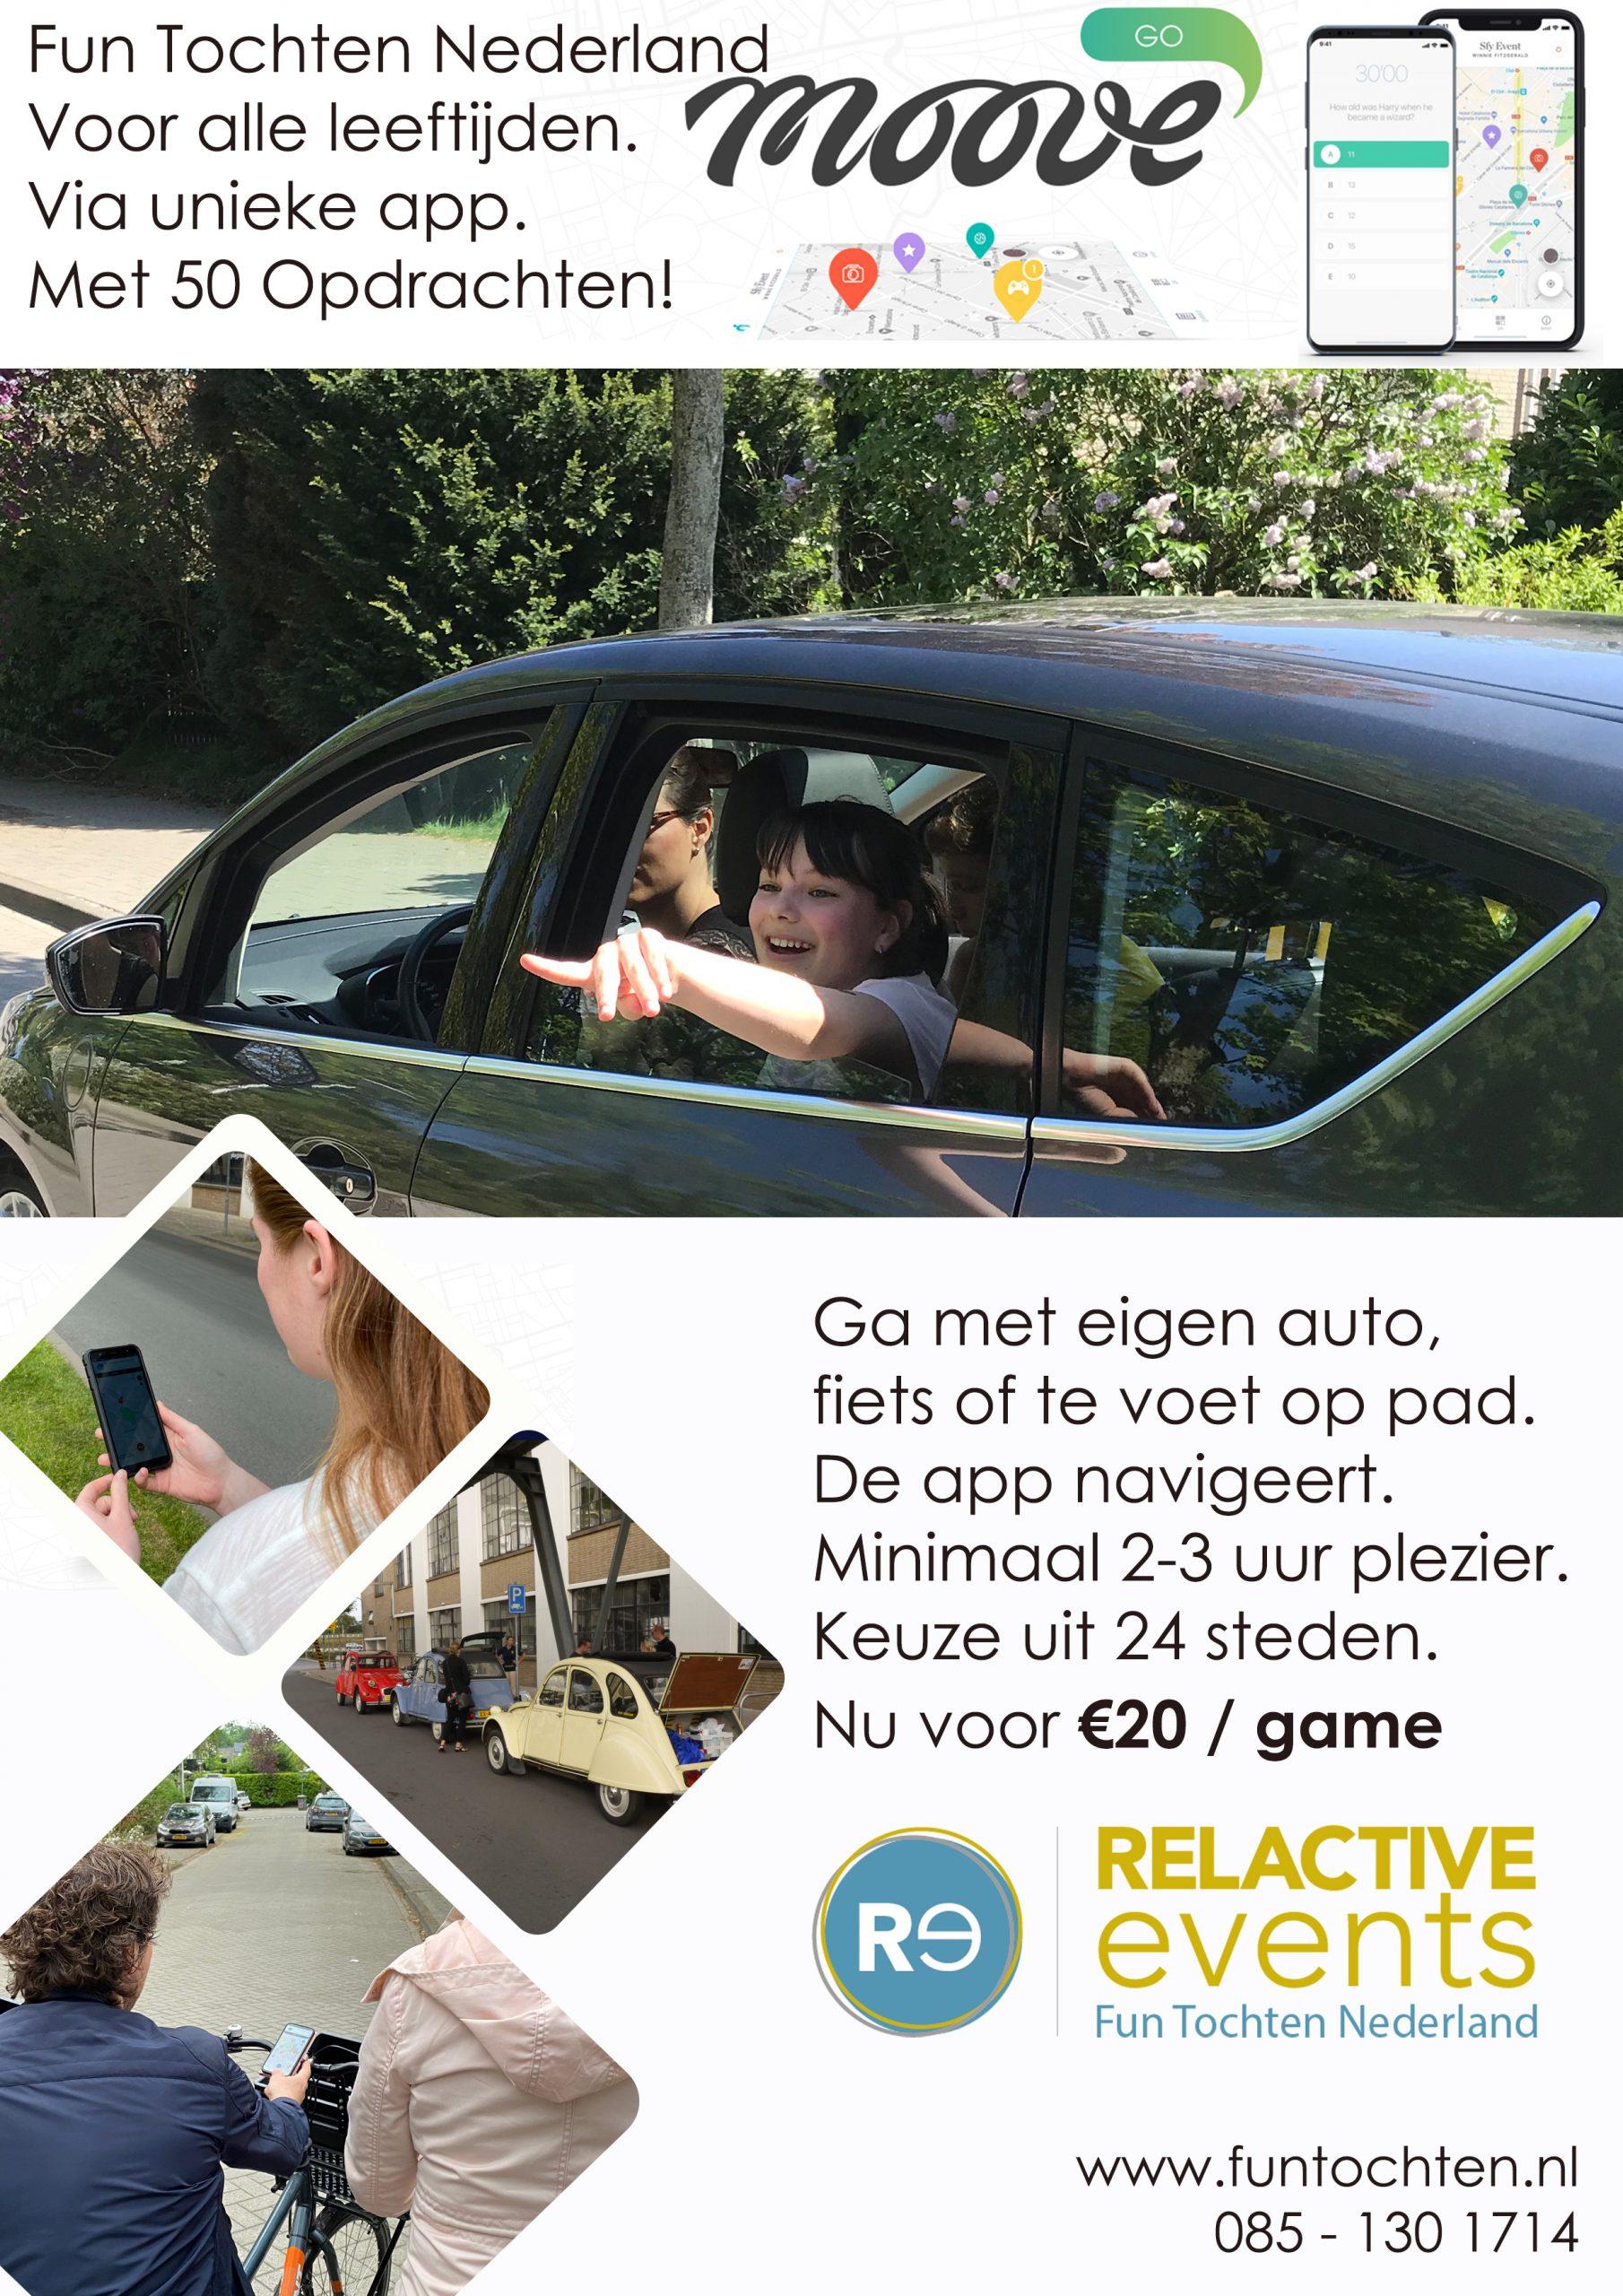 fun tochten nederland in 24 steden